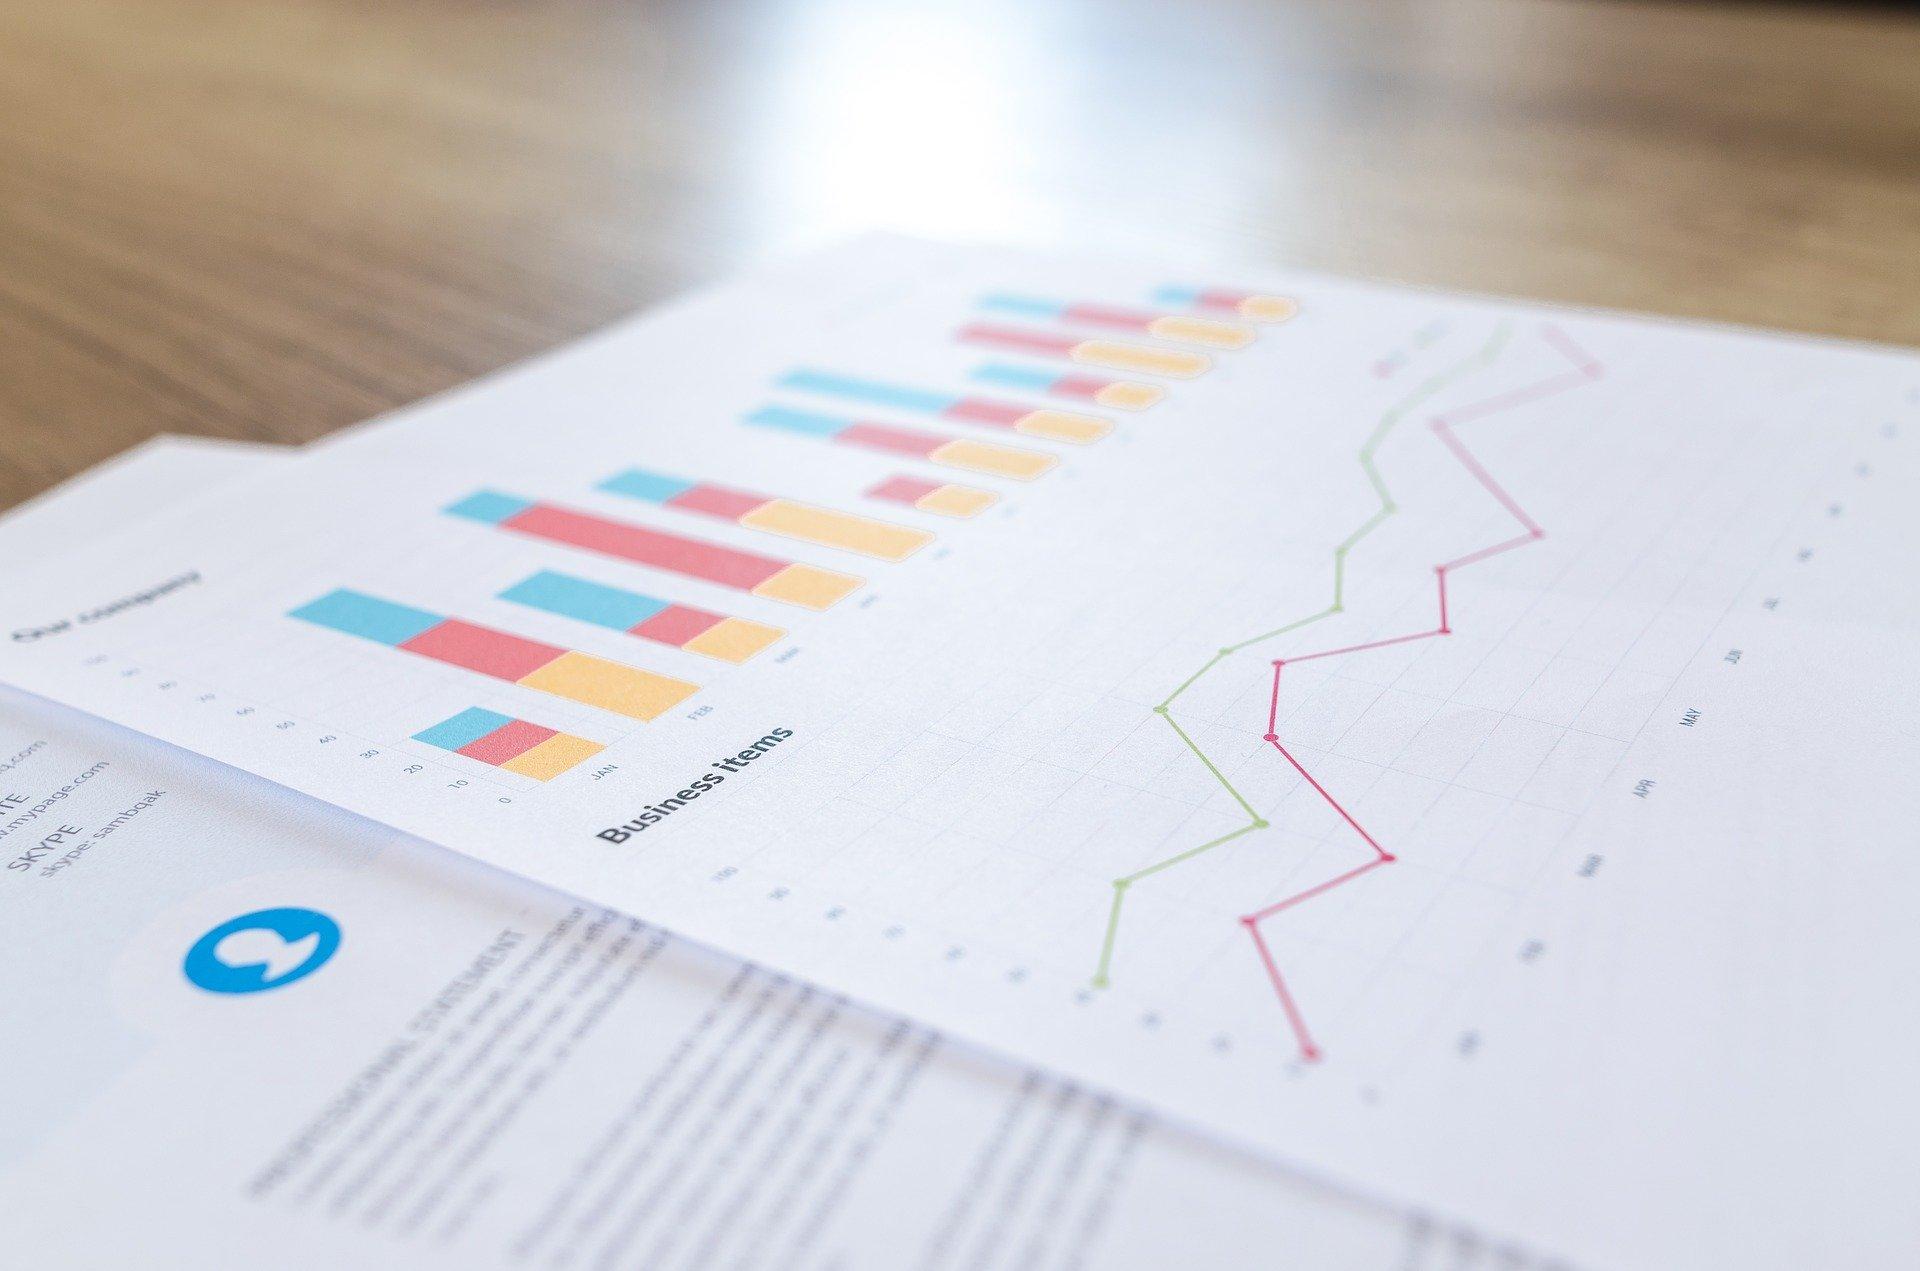 Wskaźniki finansowe kondycji firmy